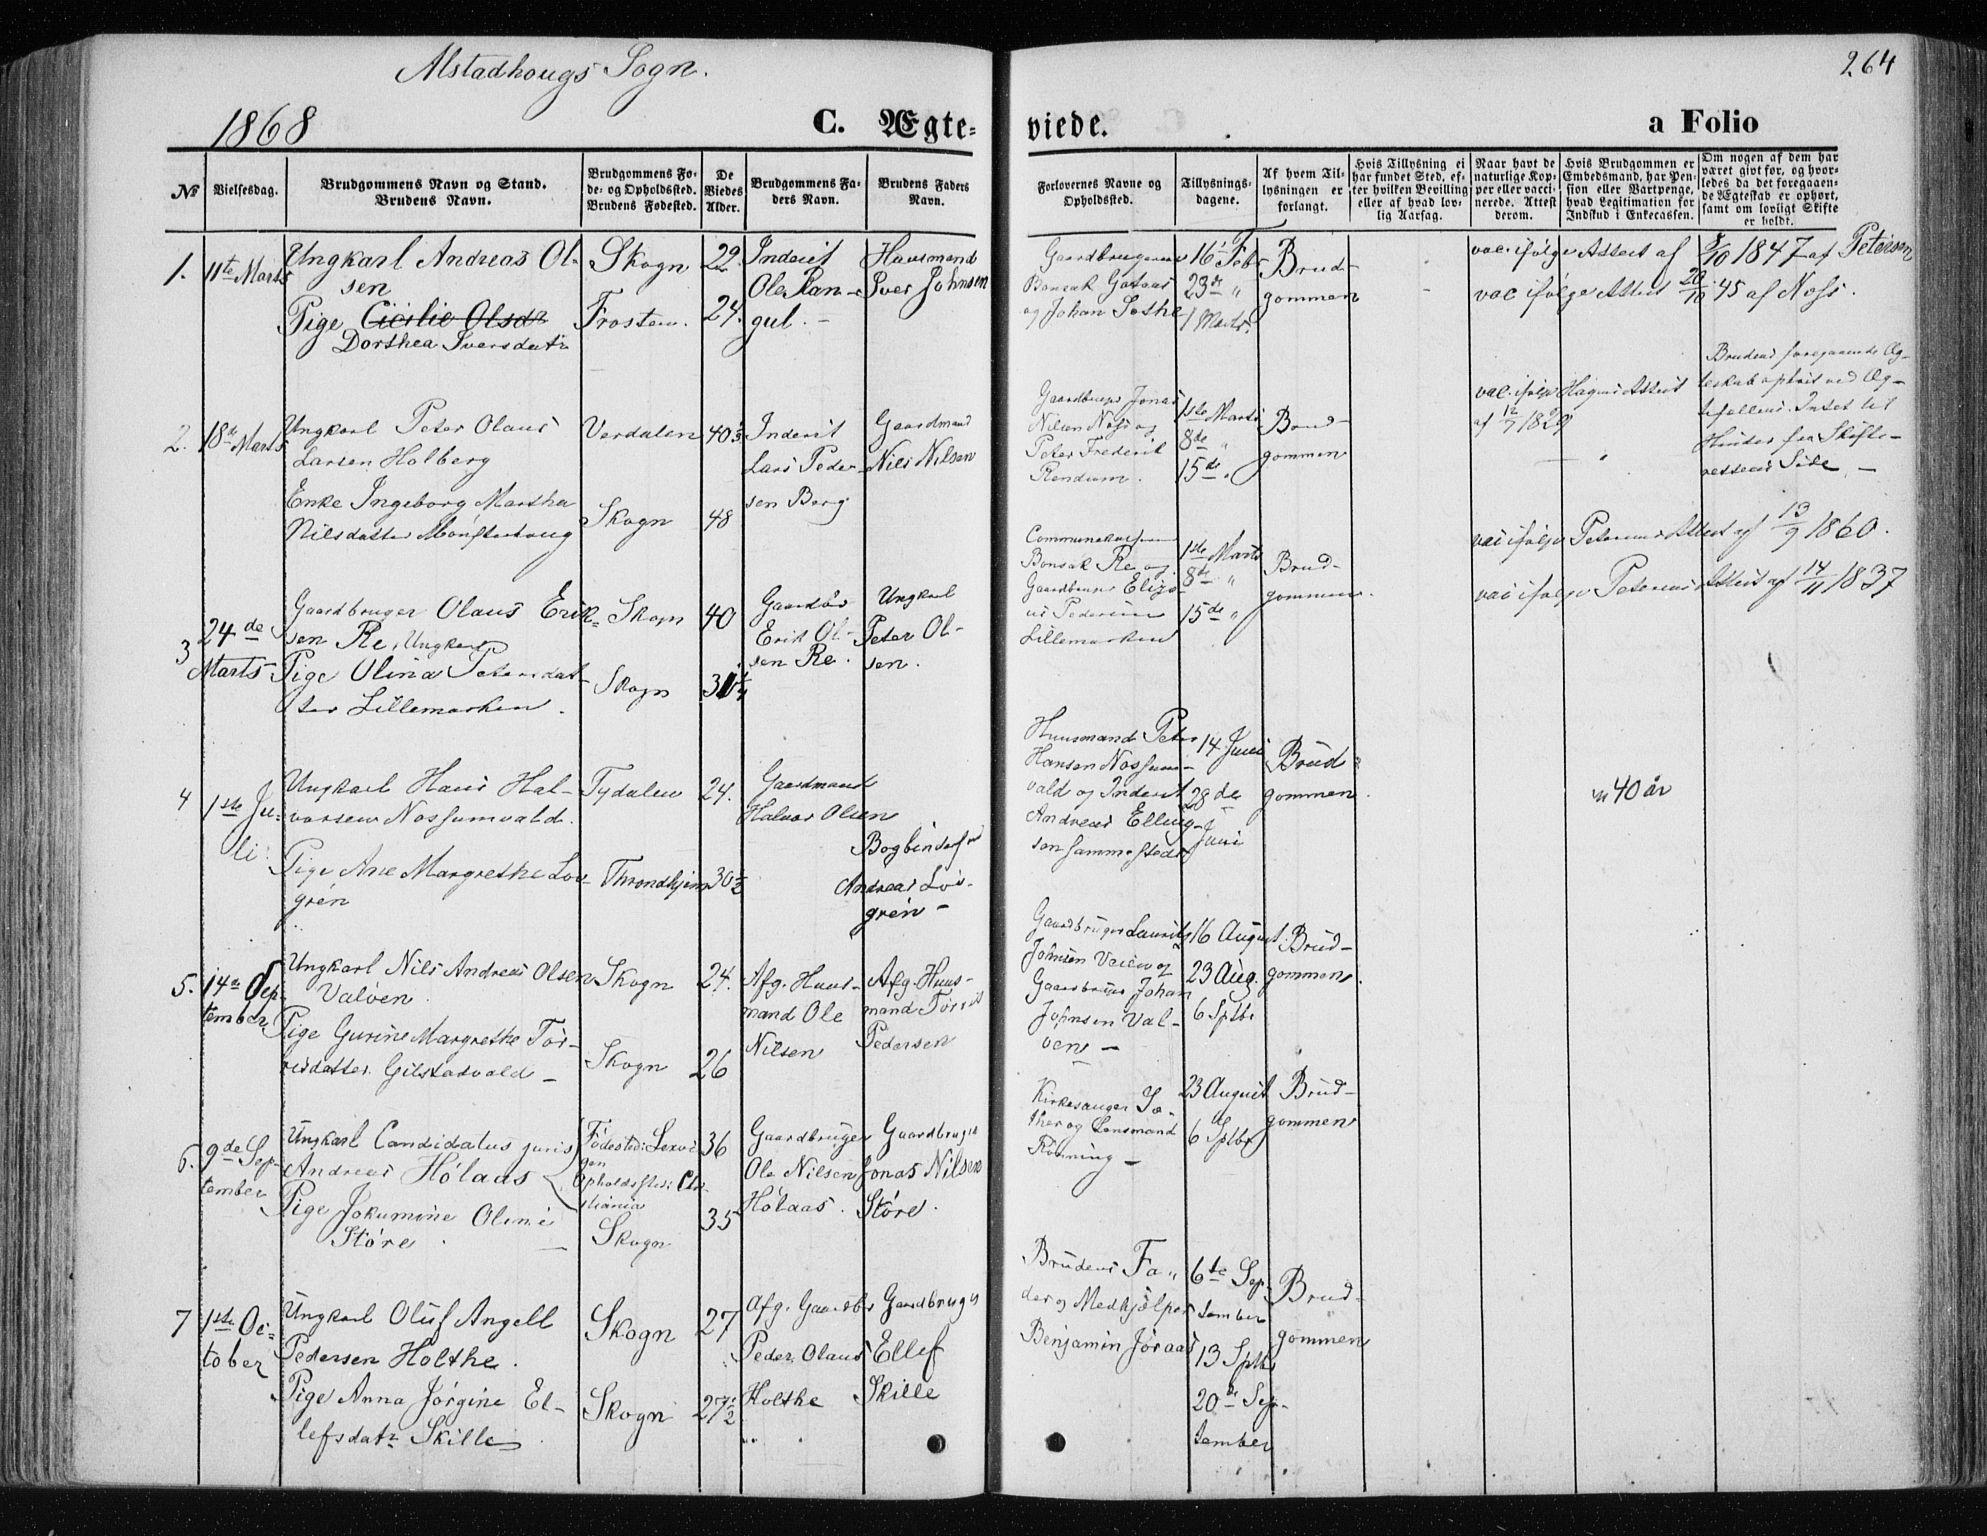 SAT, Ministerialprotokoller, klokkerbøker og fødselsregistre - Nord-Trøndelag, 717/L0157: Ministerialbok nr. 717A08 /1, 1863-1877, s. 264